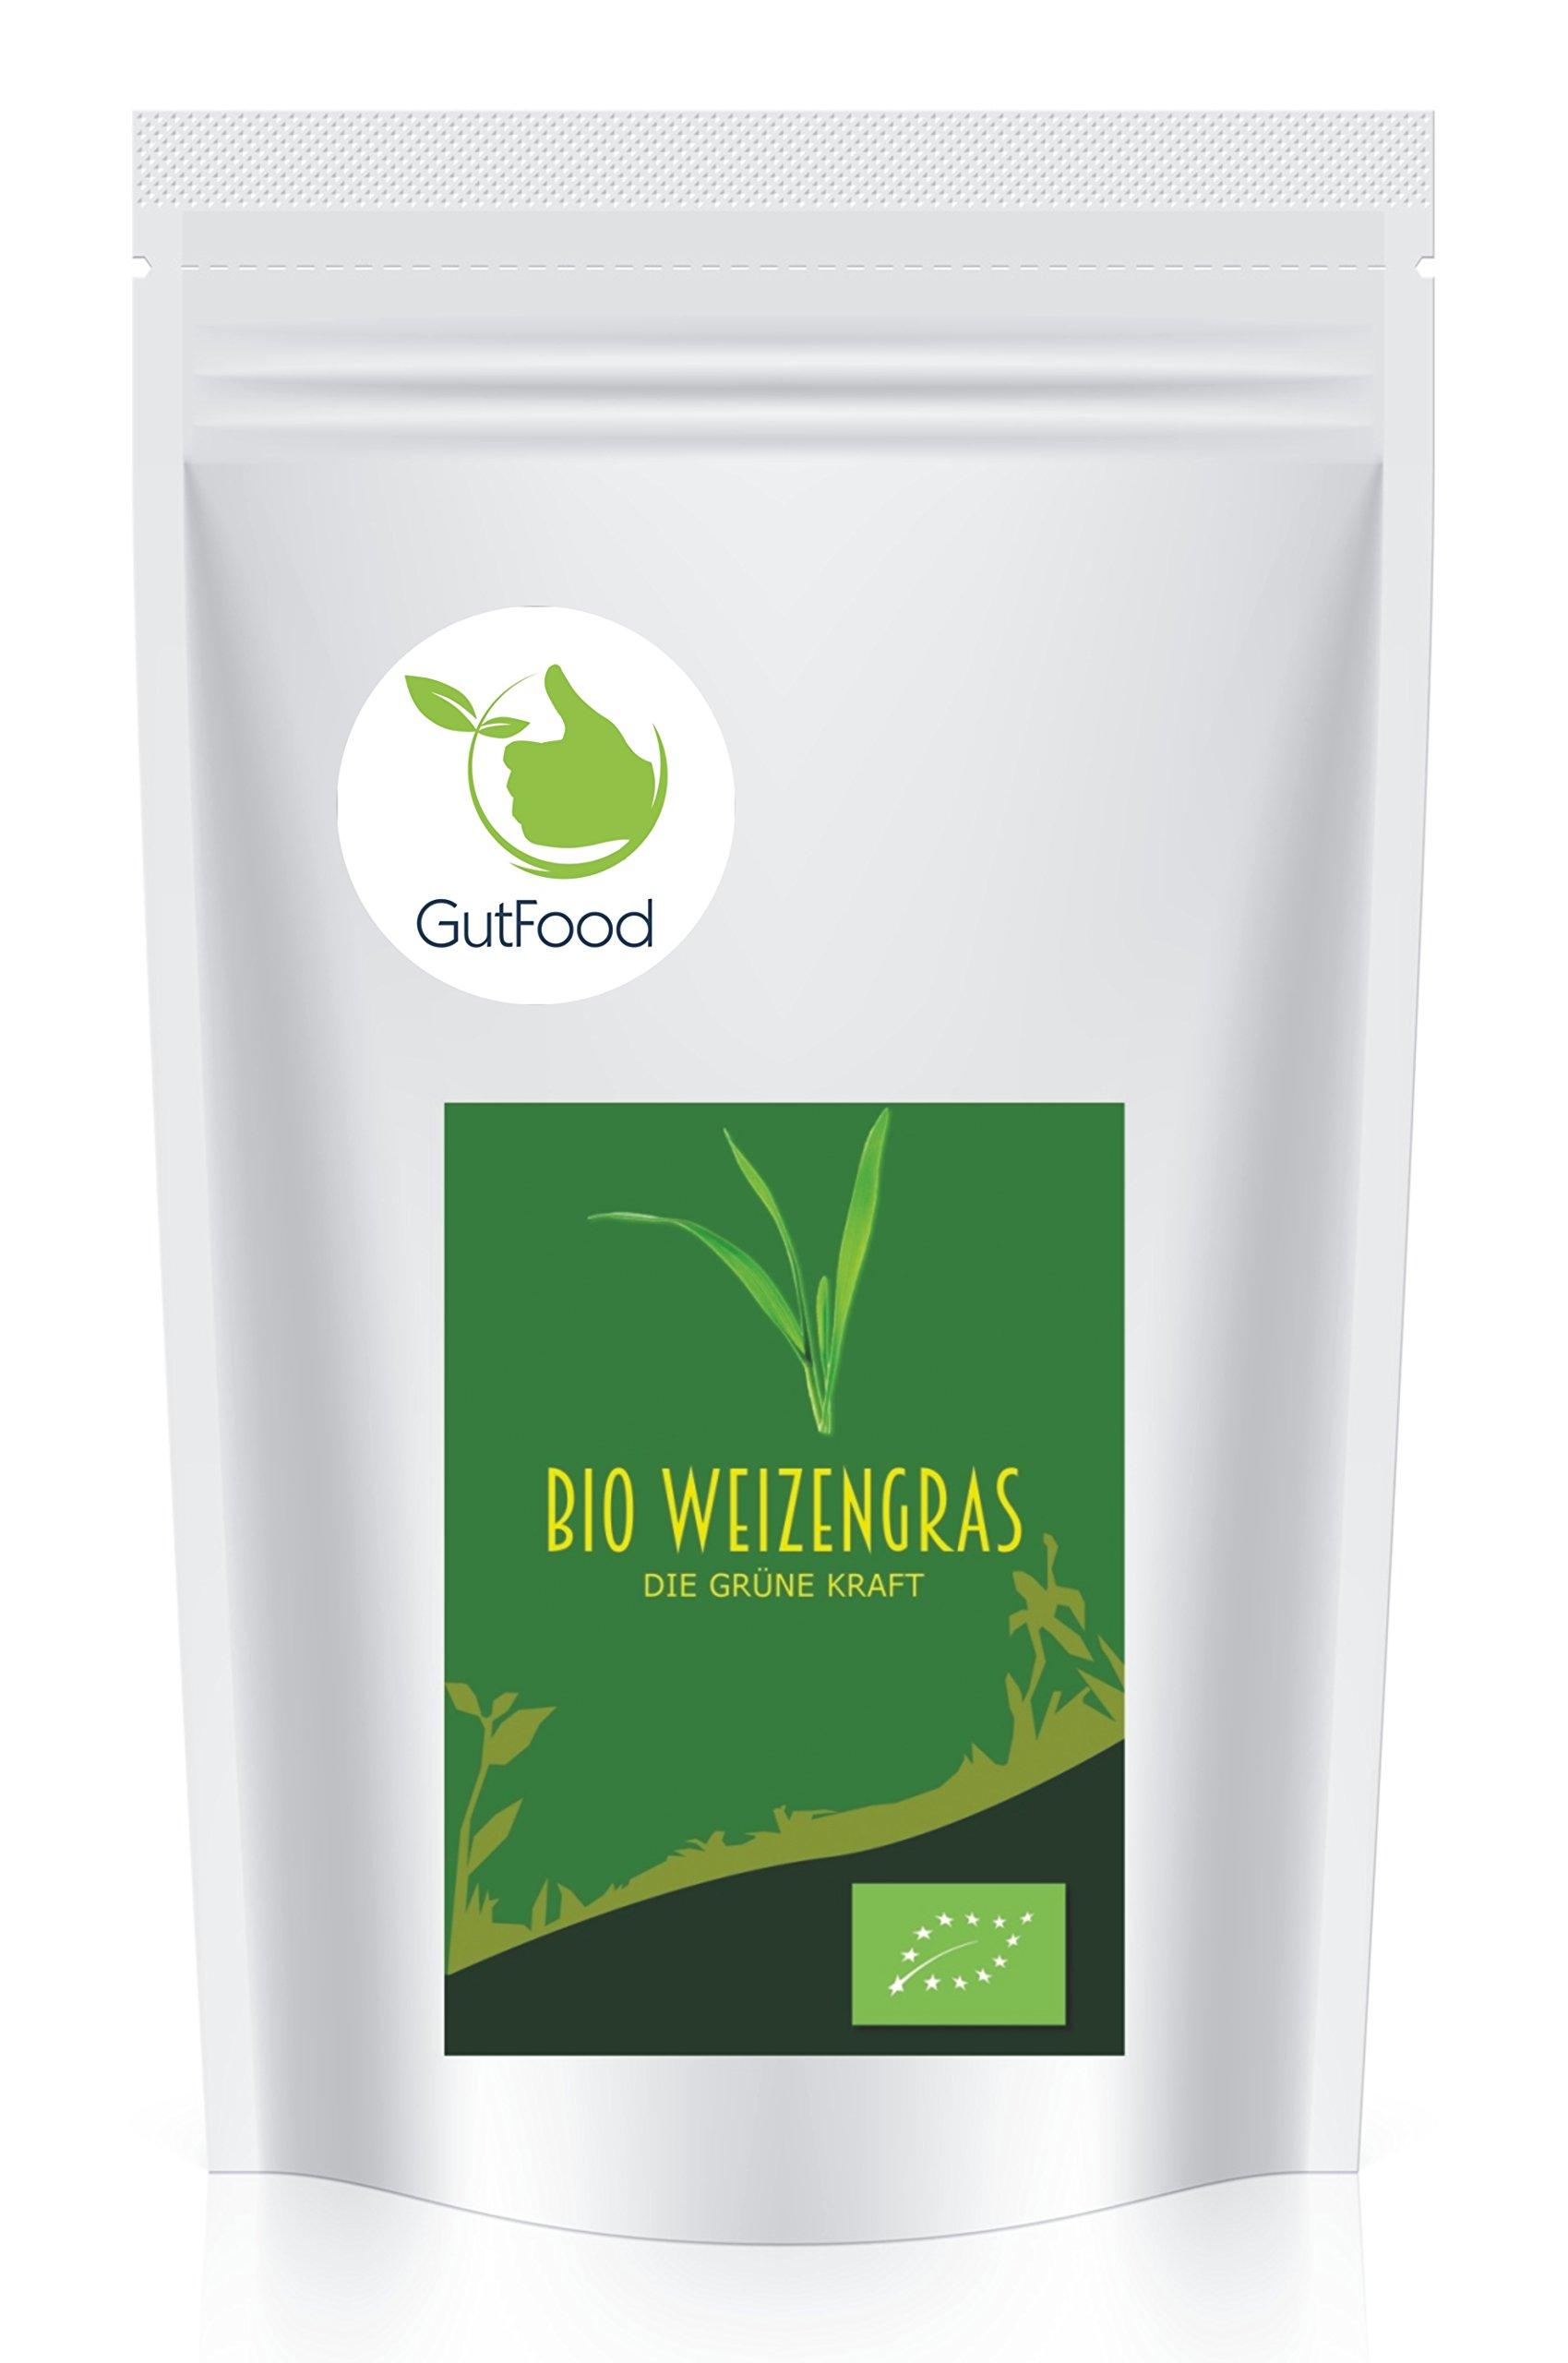 Golderner-Zweig-1000g-naturreines-BIO-Weizengras-gemahlen-aus-Deutschland-1000-g